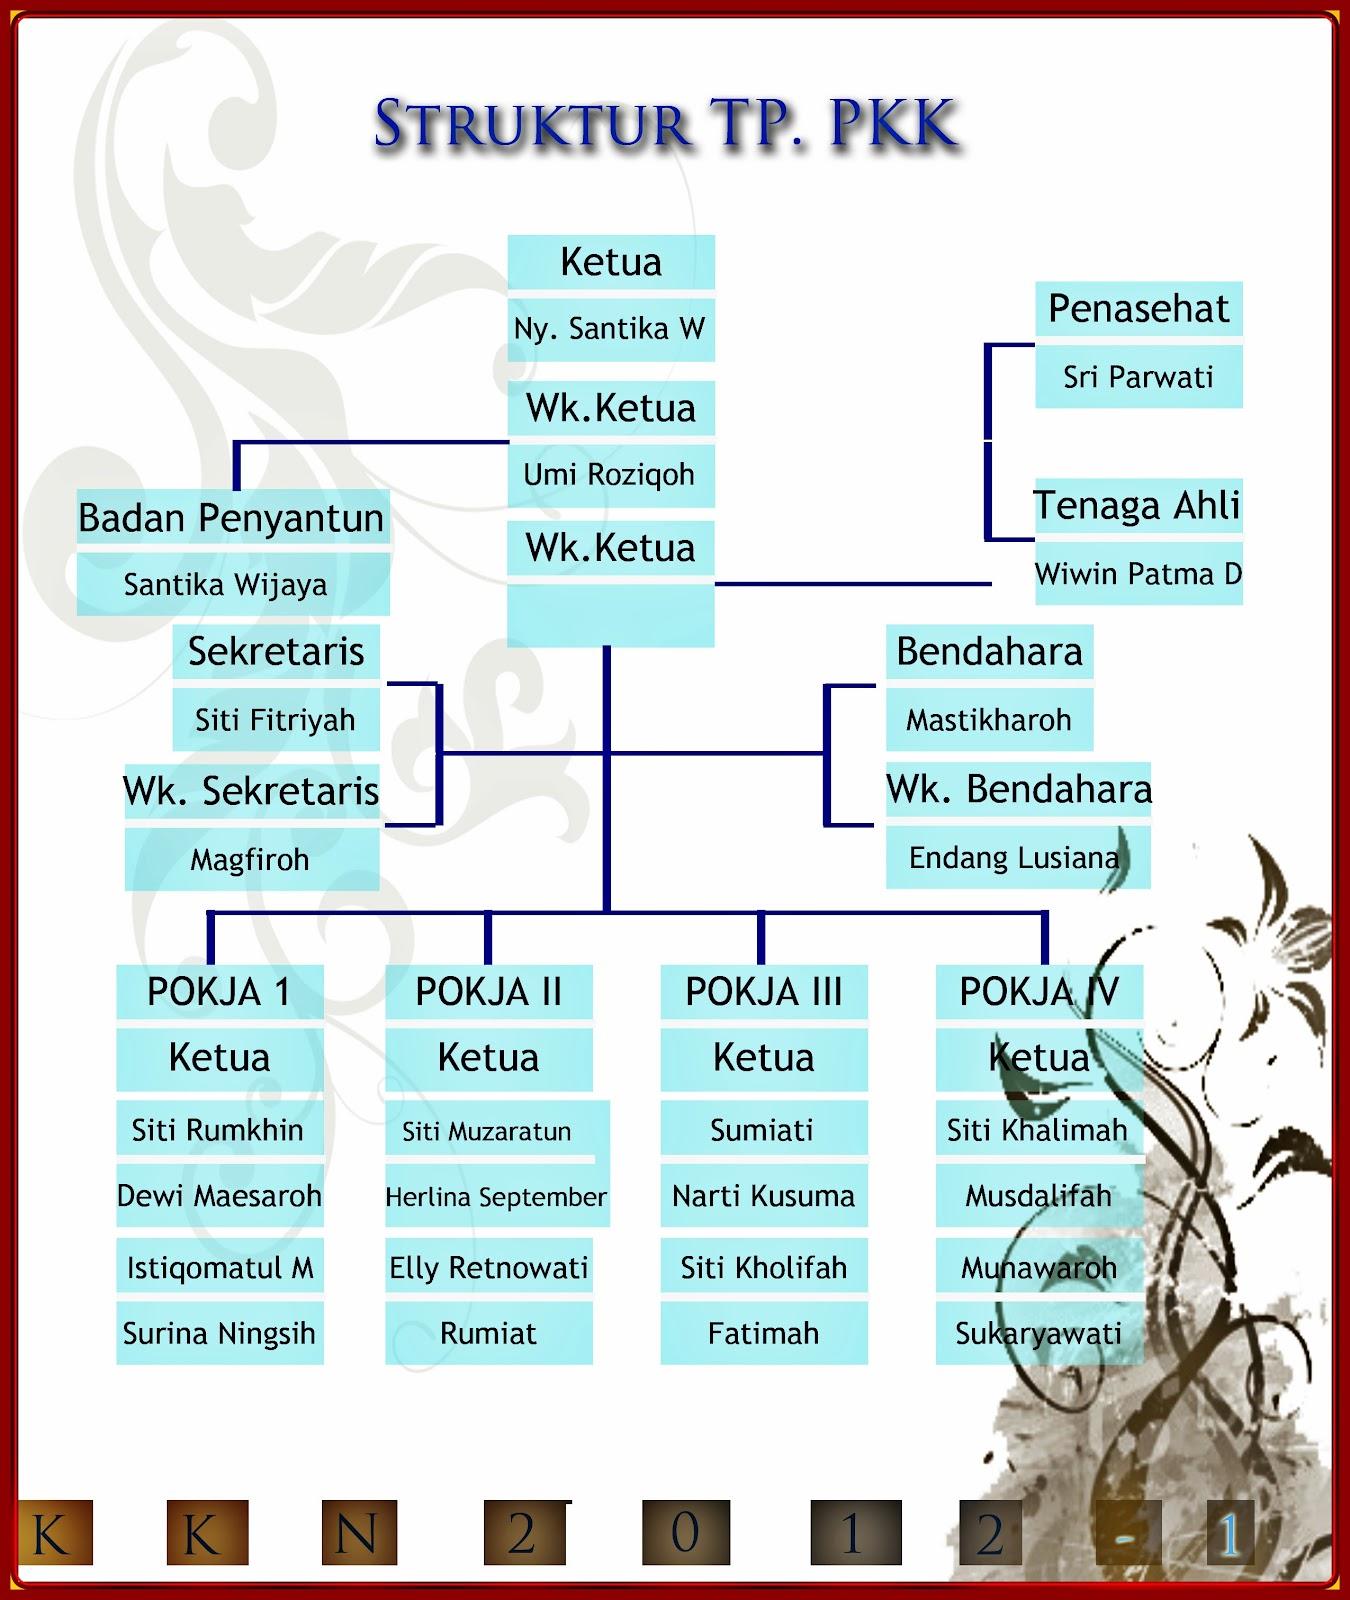 STRUKTUR ORGANISASI PKK